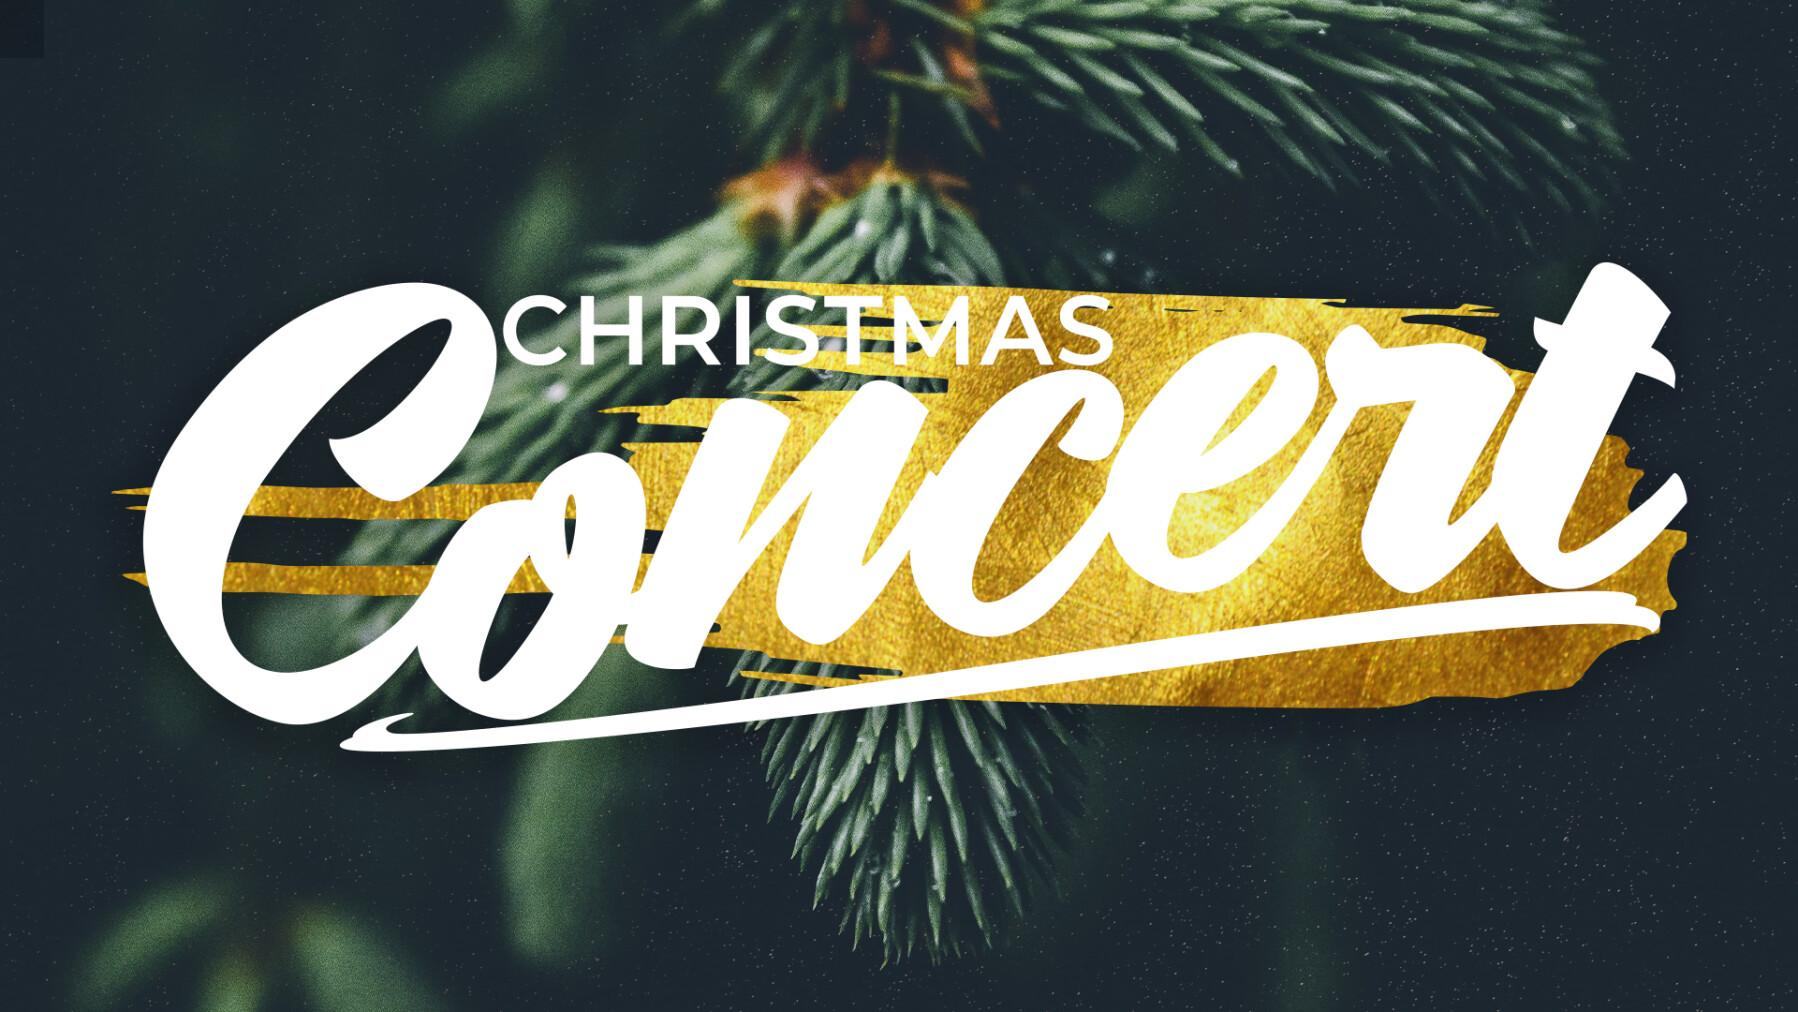 Christmas Outreach at Ala Moana Shopping Center